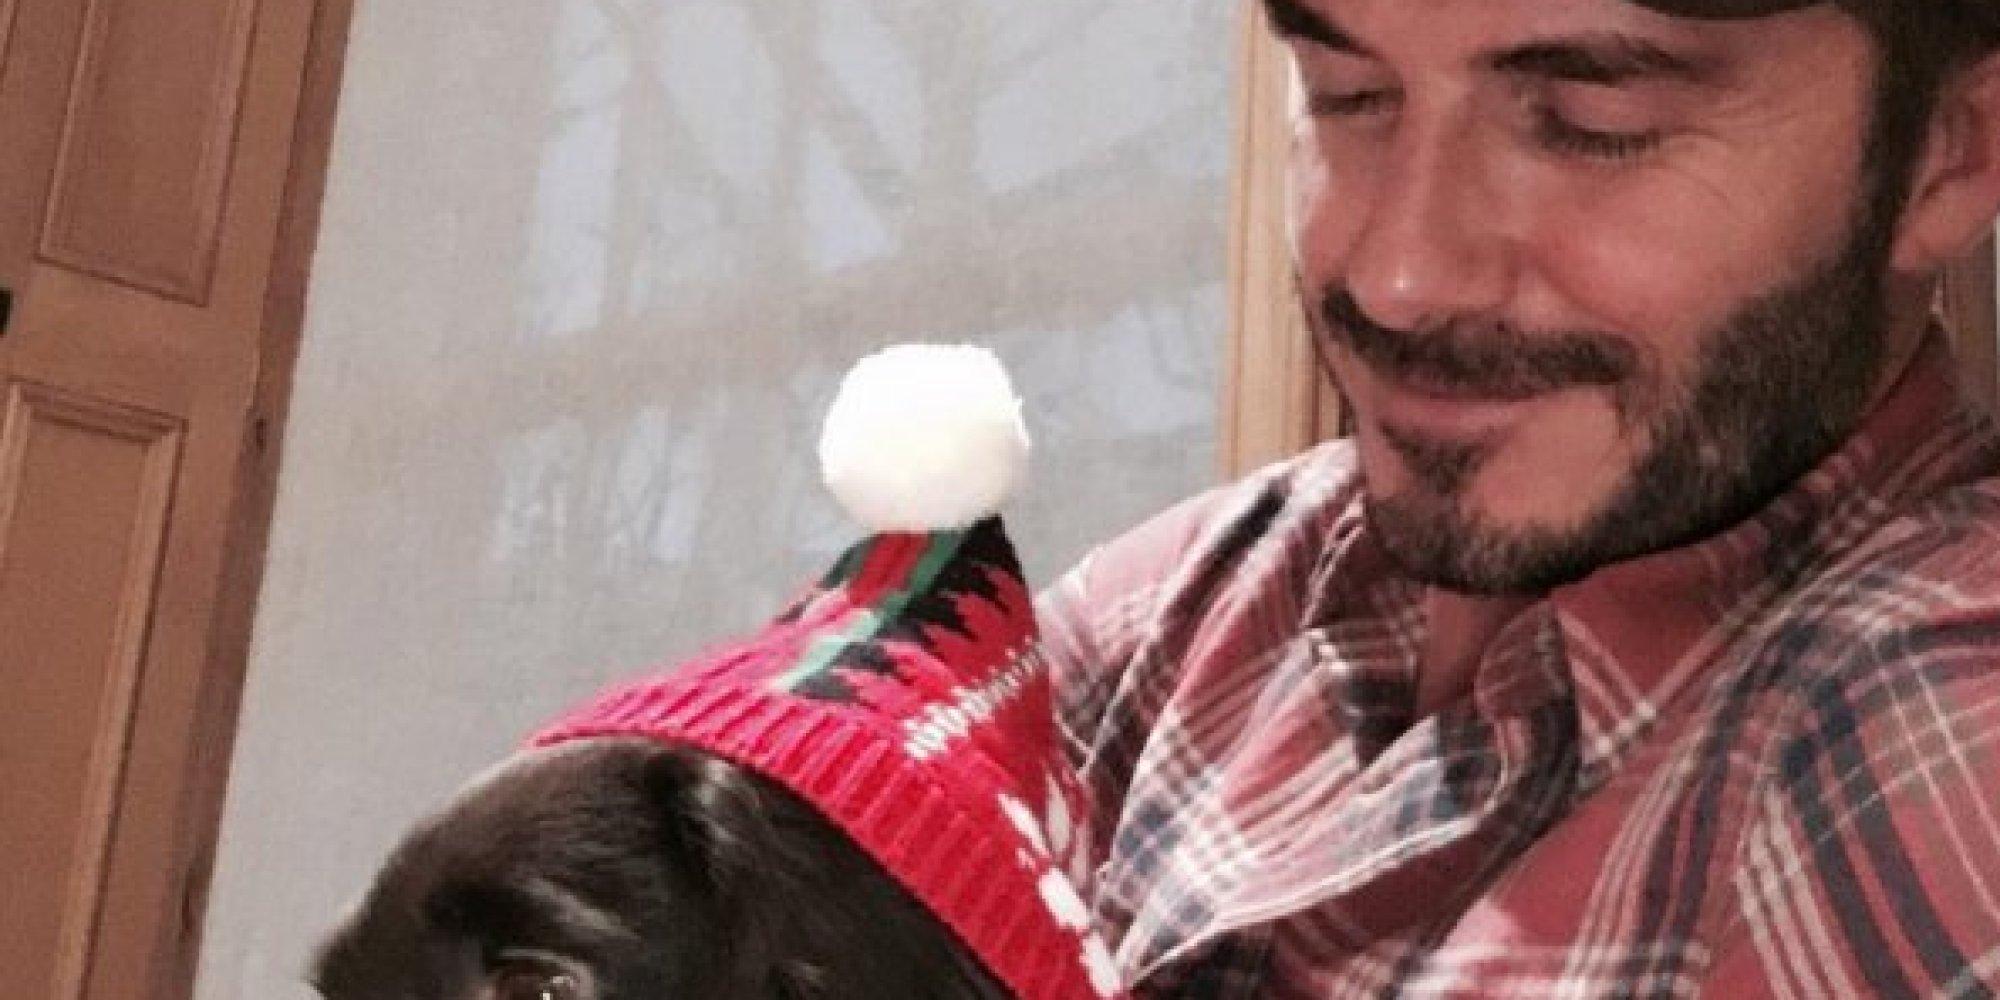 David Beckham's Not The Only Person Sharing Puppy Love ... David Beckham Facebook